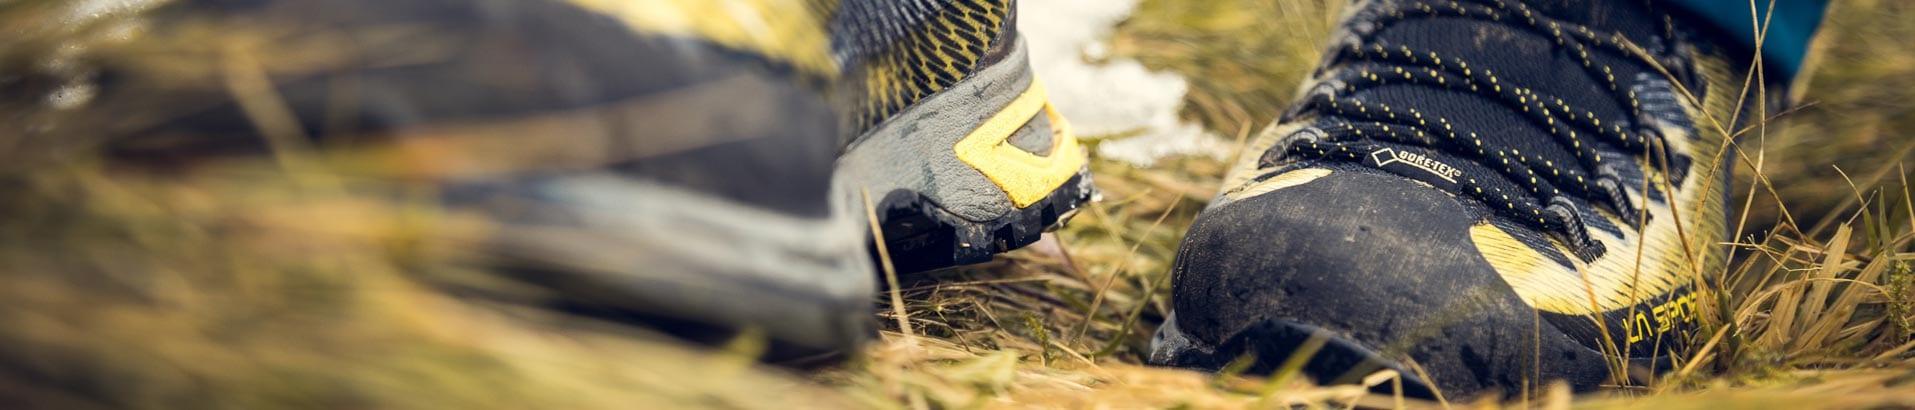 Перечень горной обуви для различных восхождений и походов разной сложности